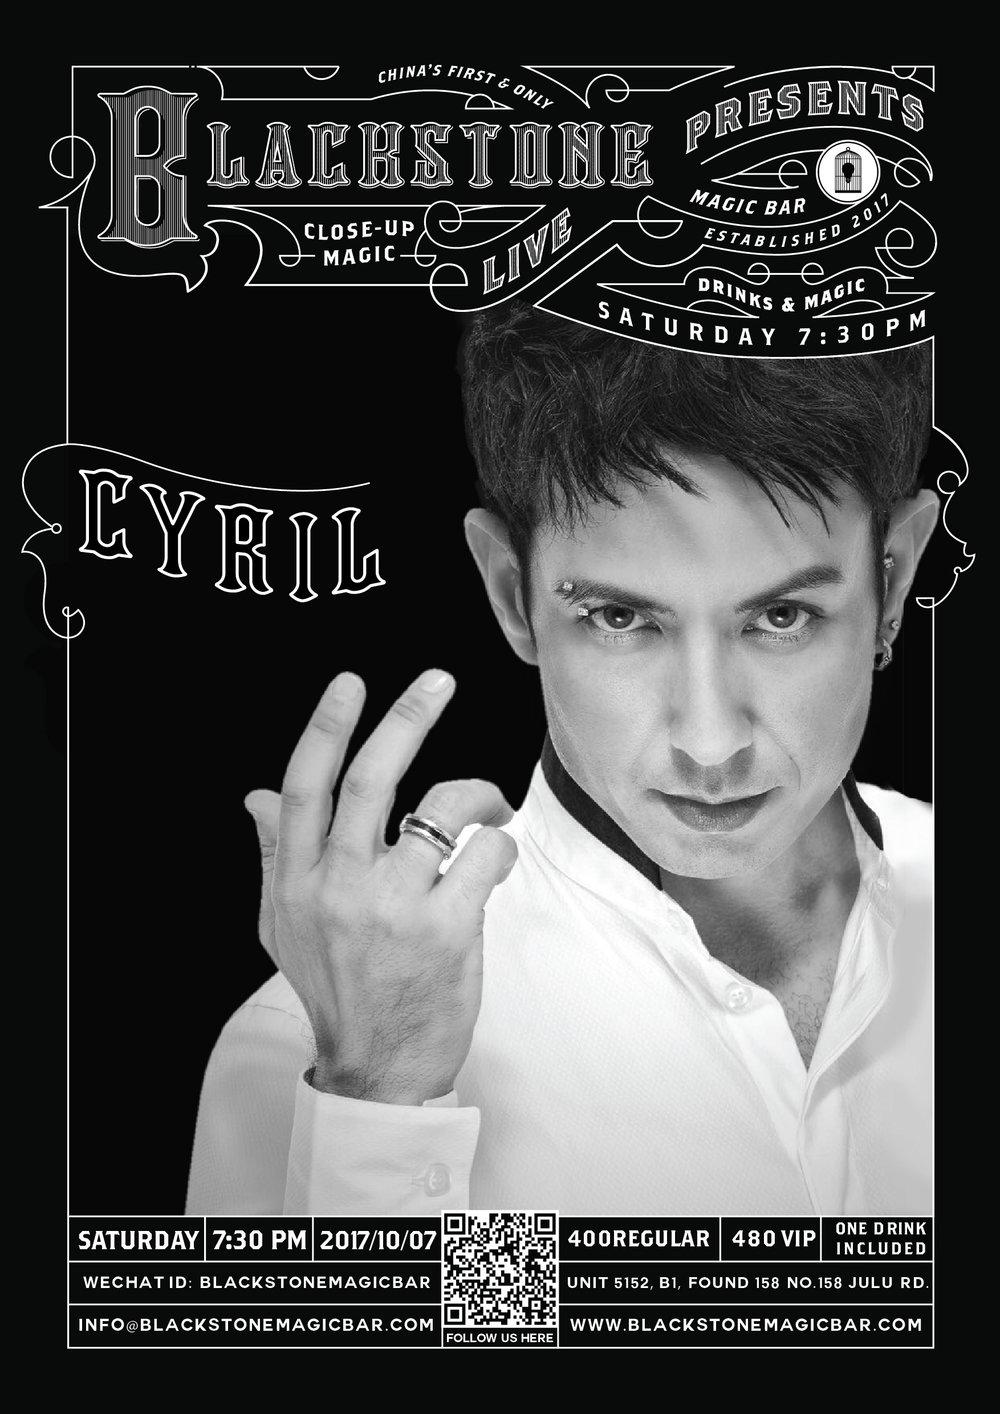 Cyril-01.jpg